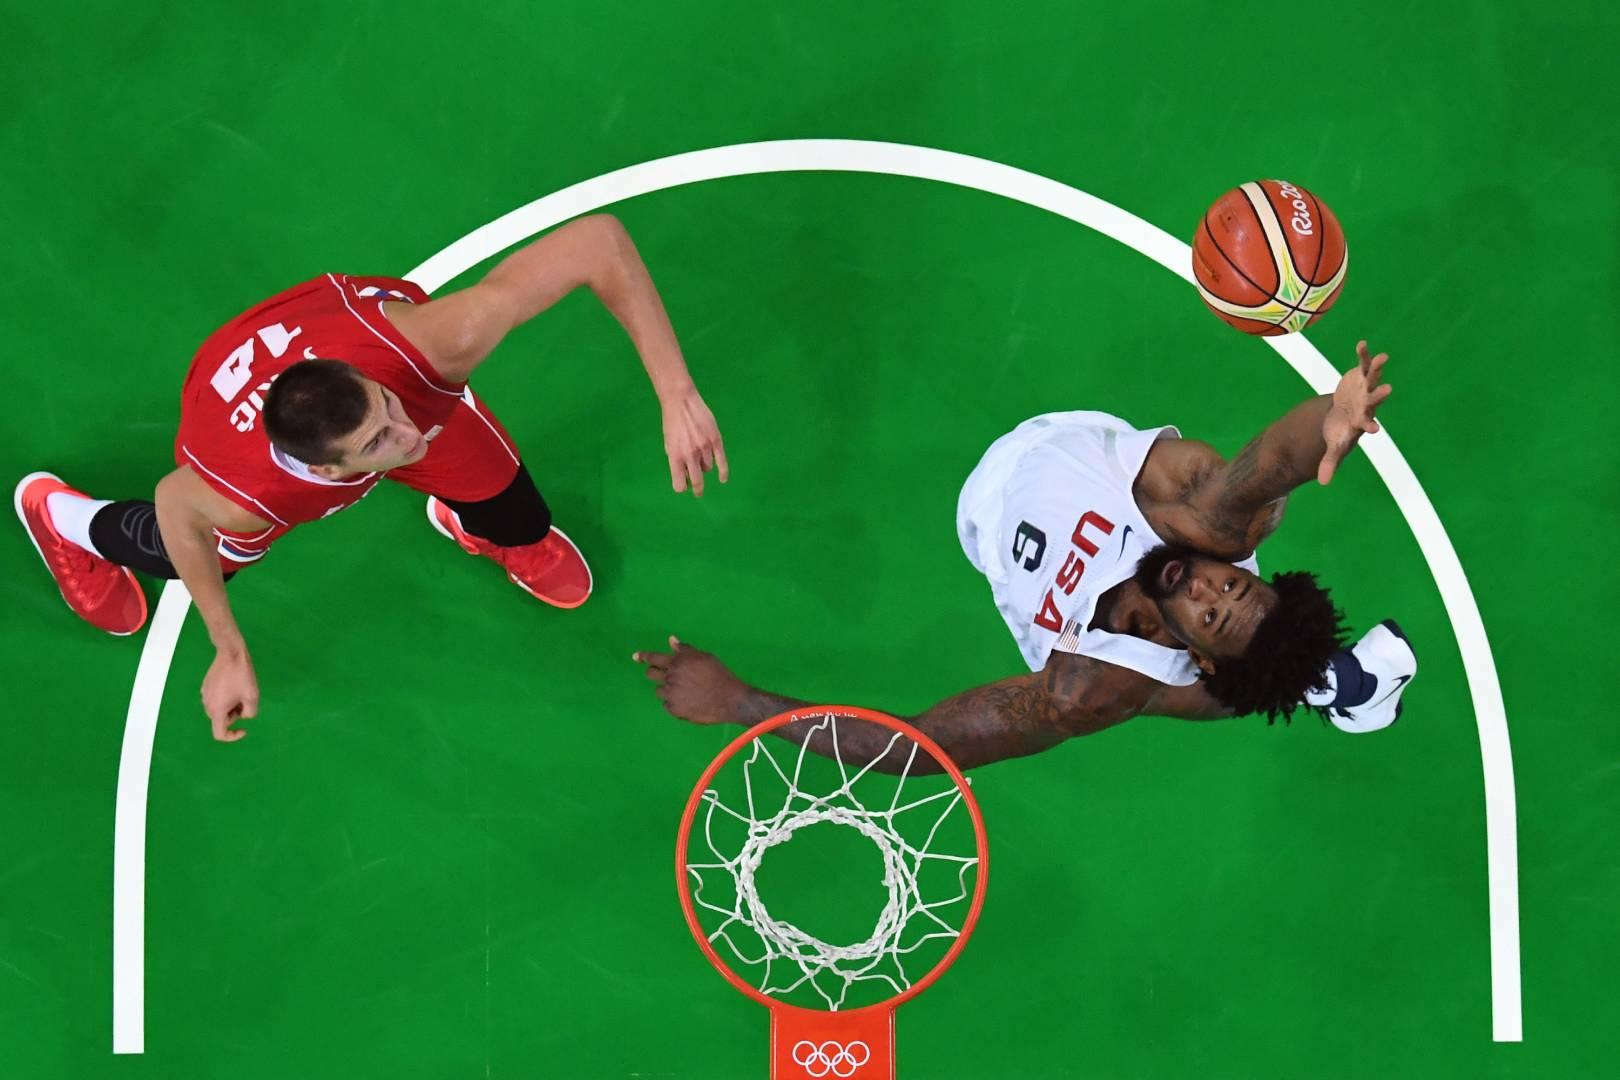 Rio 2016 Basketball 012